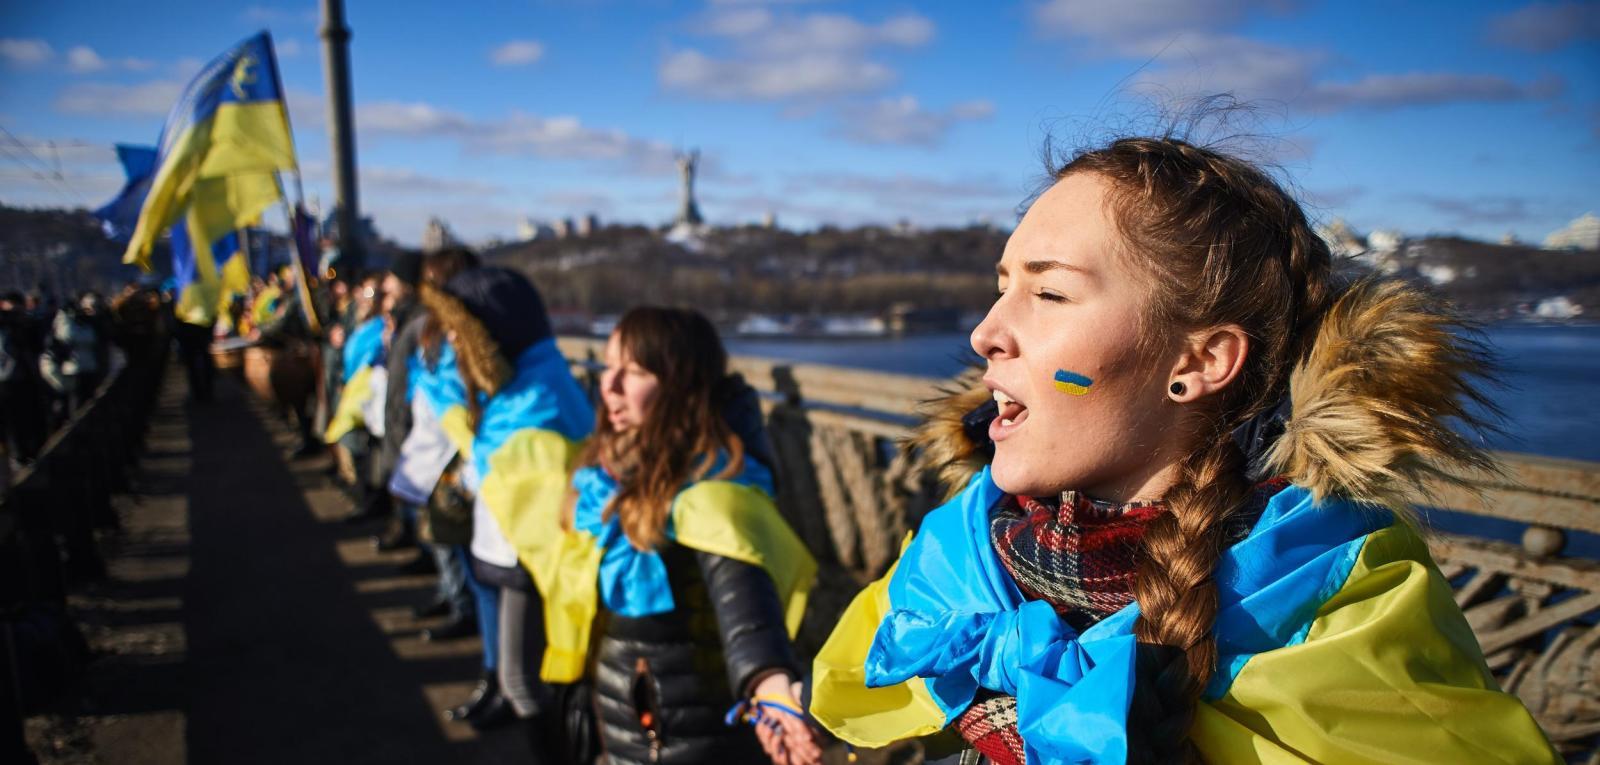 Эксперты про новую украинскую идентичность